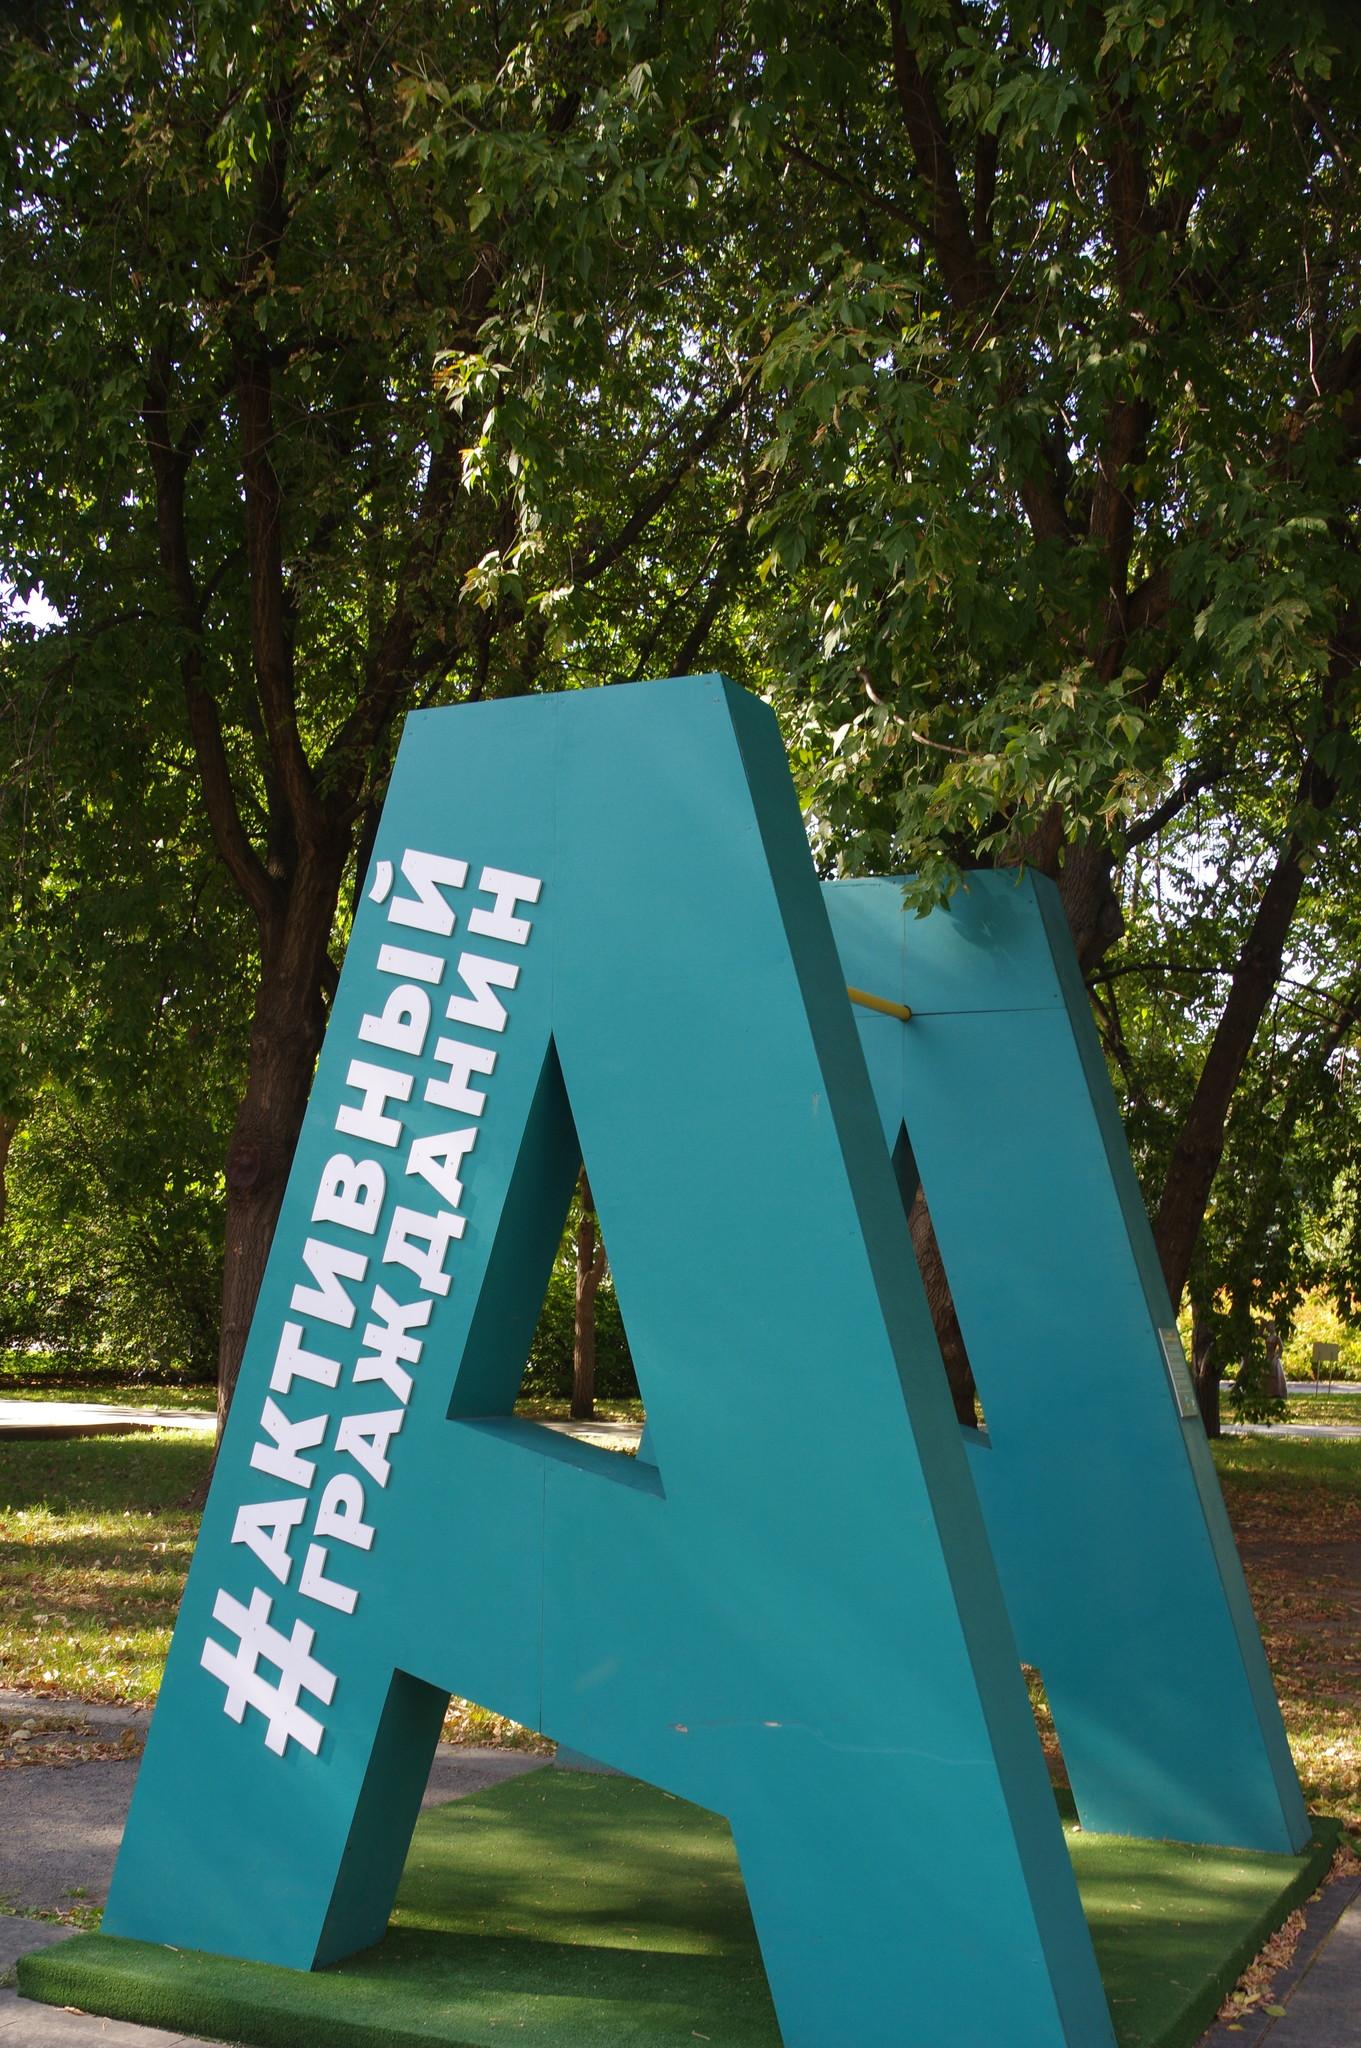 Московский проект «Активный гражданин». Парк искусств «Музеон»